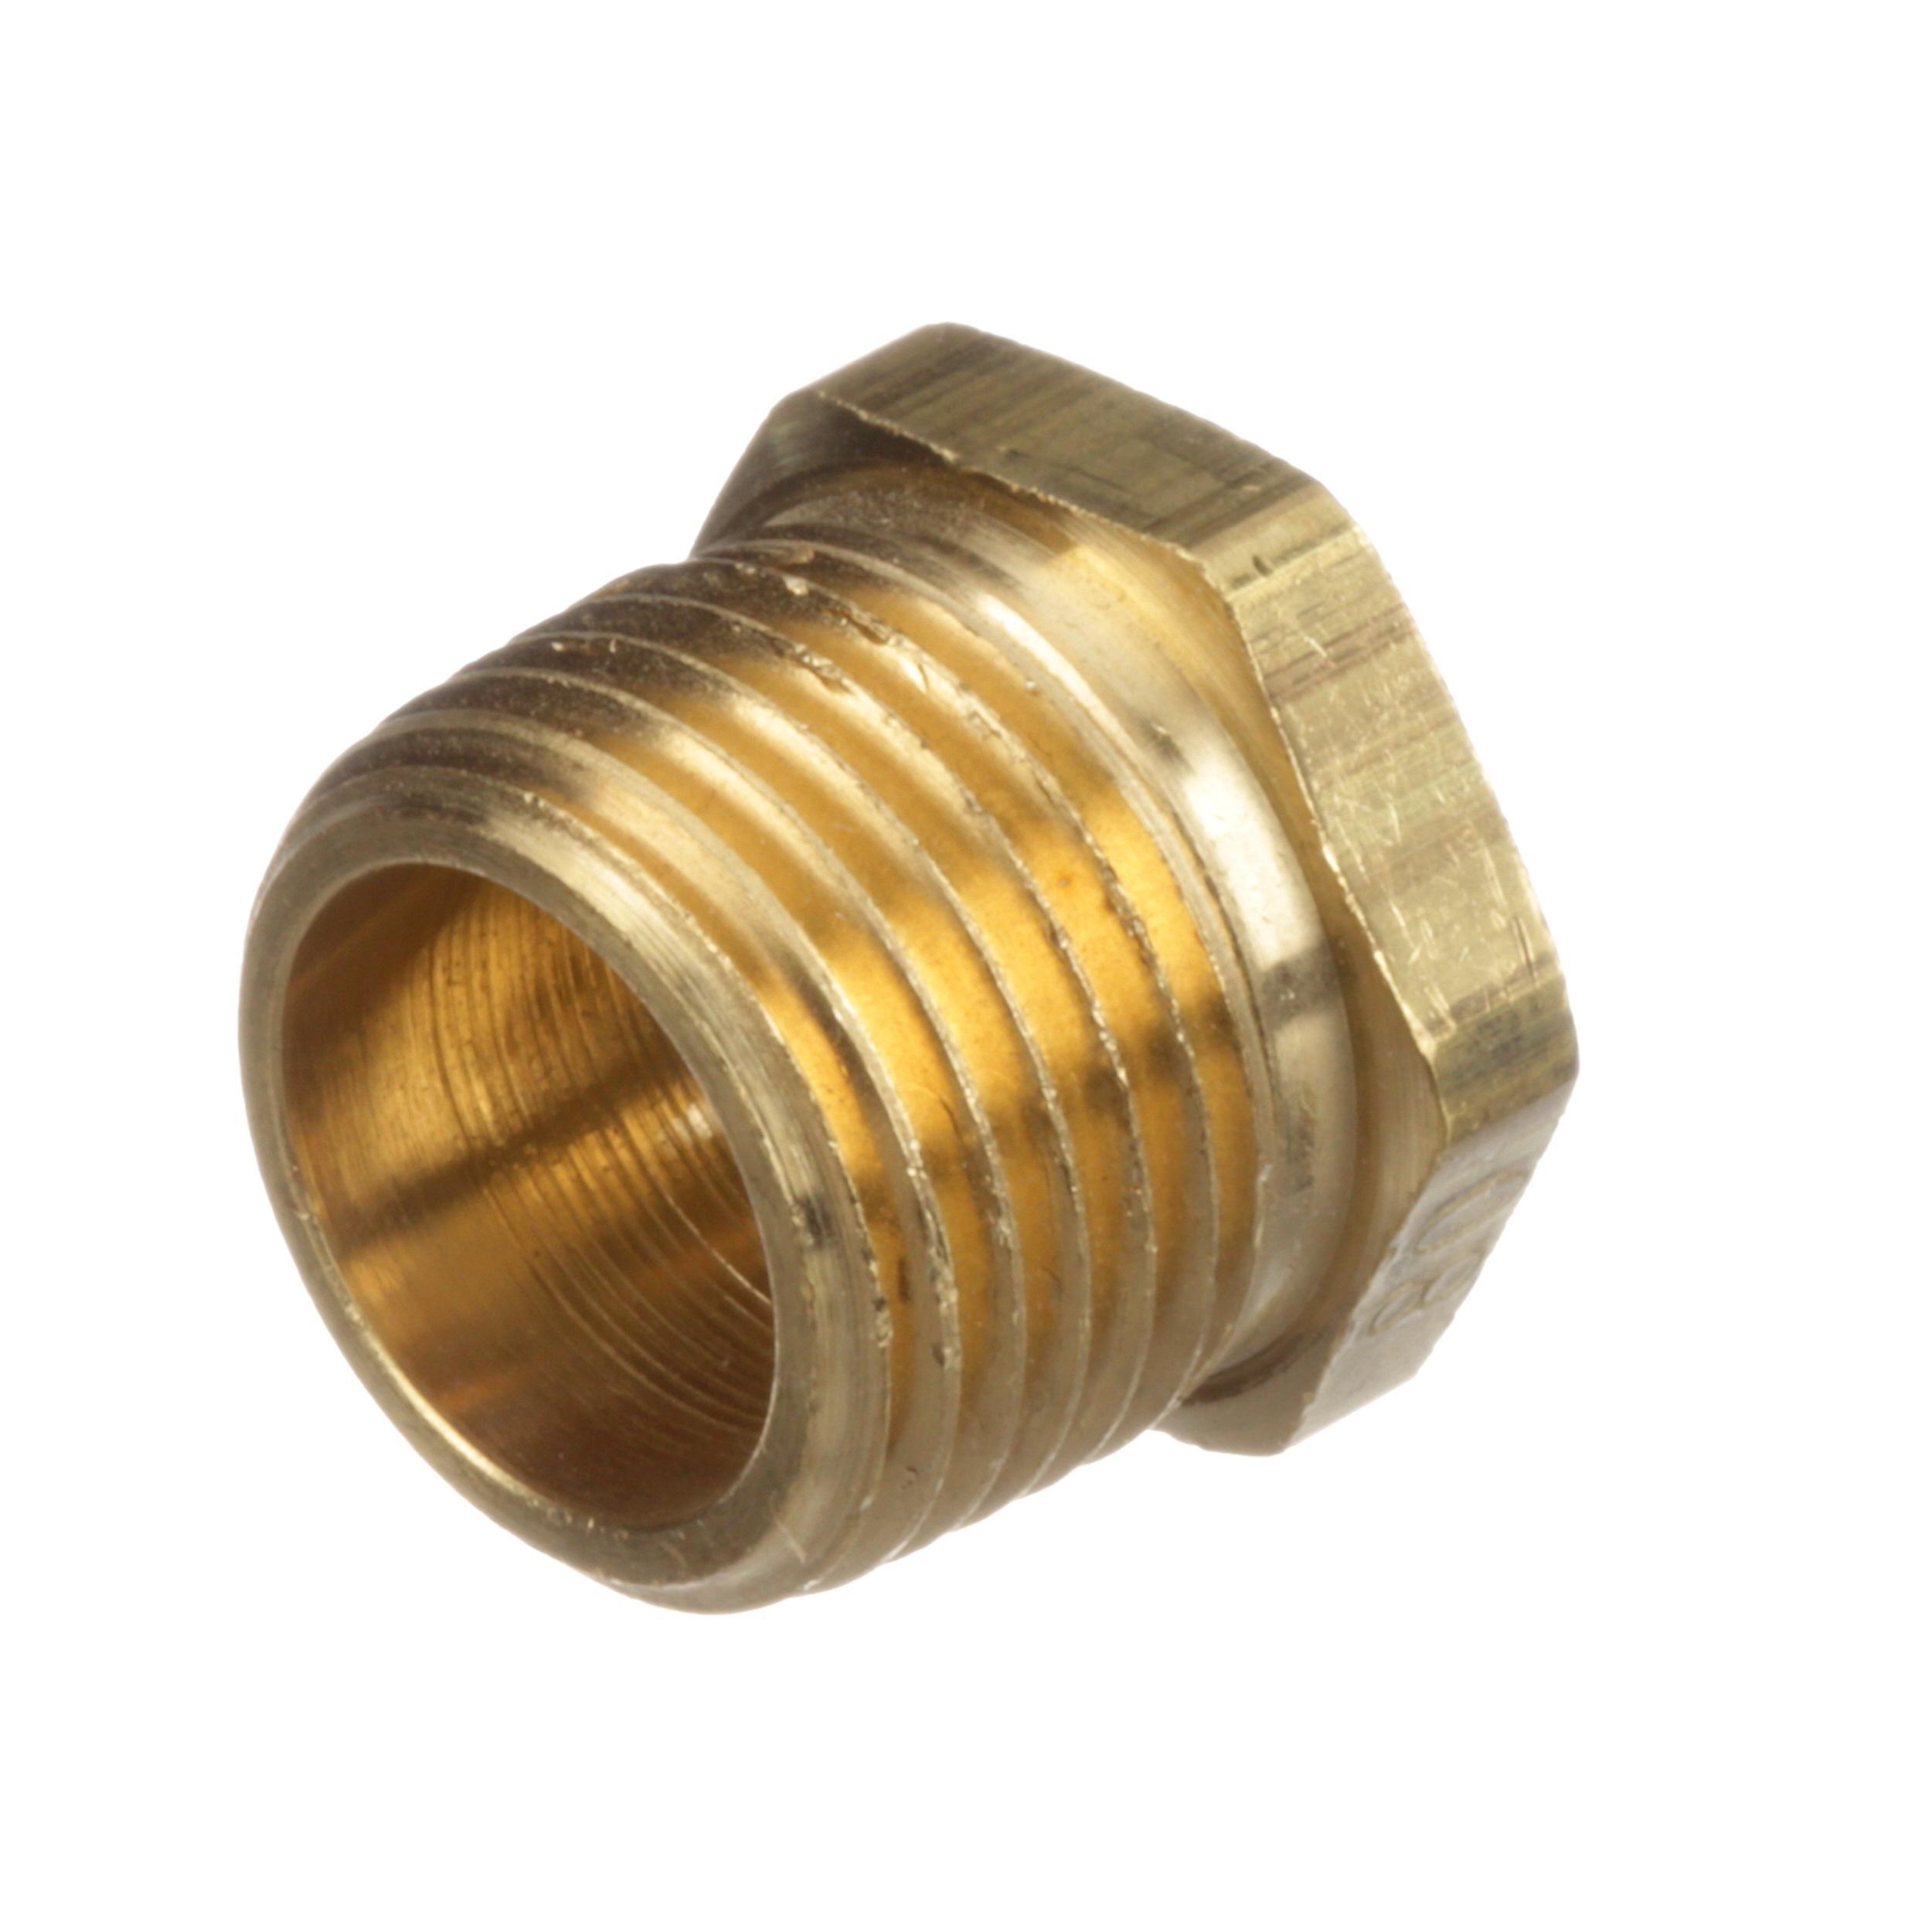 Intek brass reducing bushing part nt